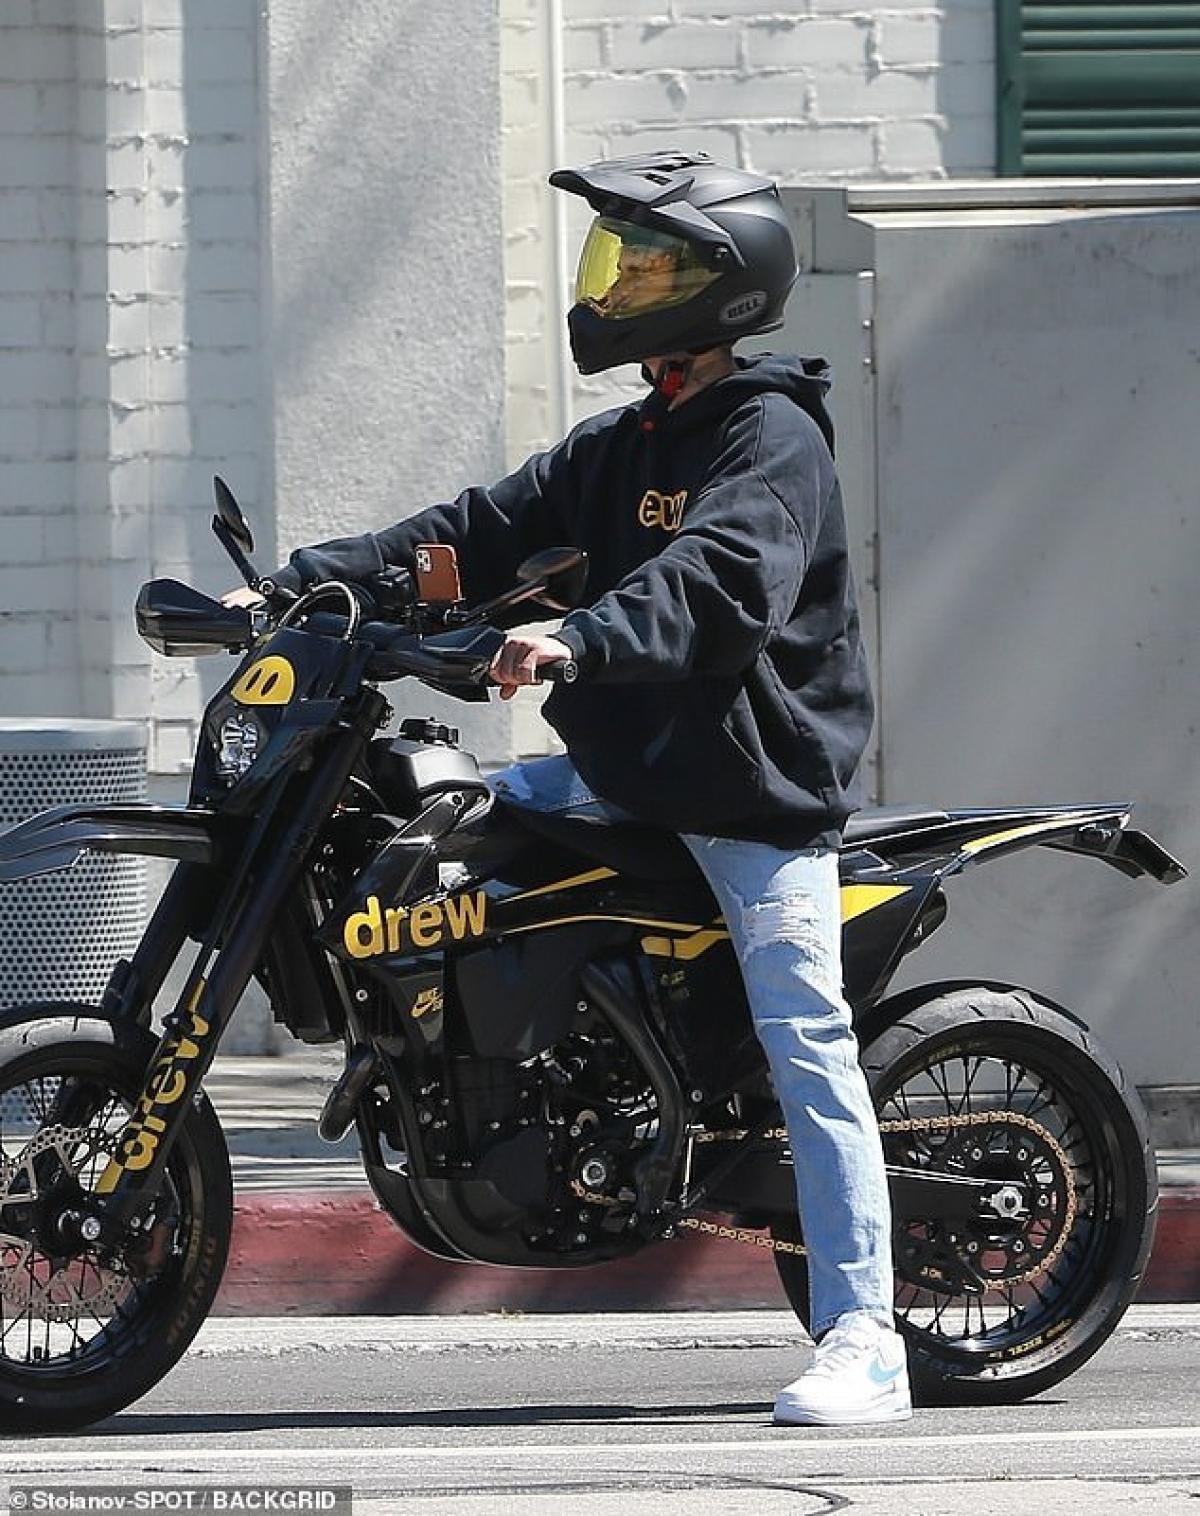 Nam ca sĩ 27 tuổi mặc đồ giản dị, đội mũ bảo hiểm cẩn thận, thu hút mọi ánh nhìn.